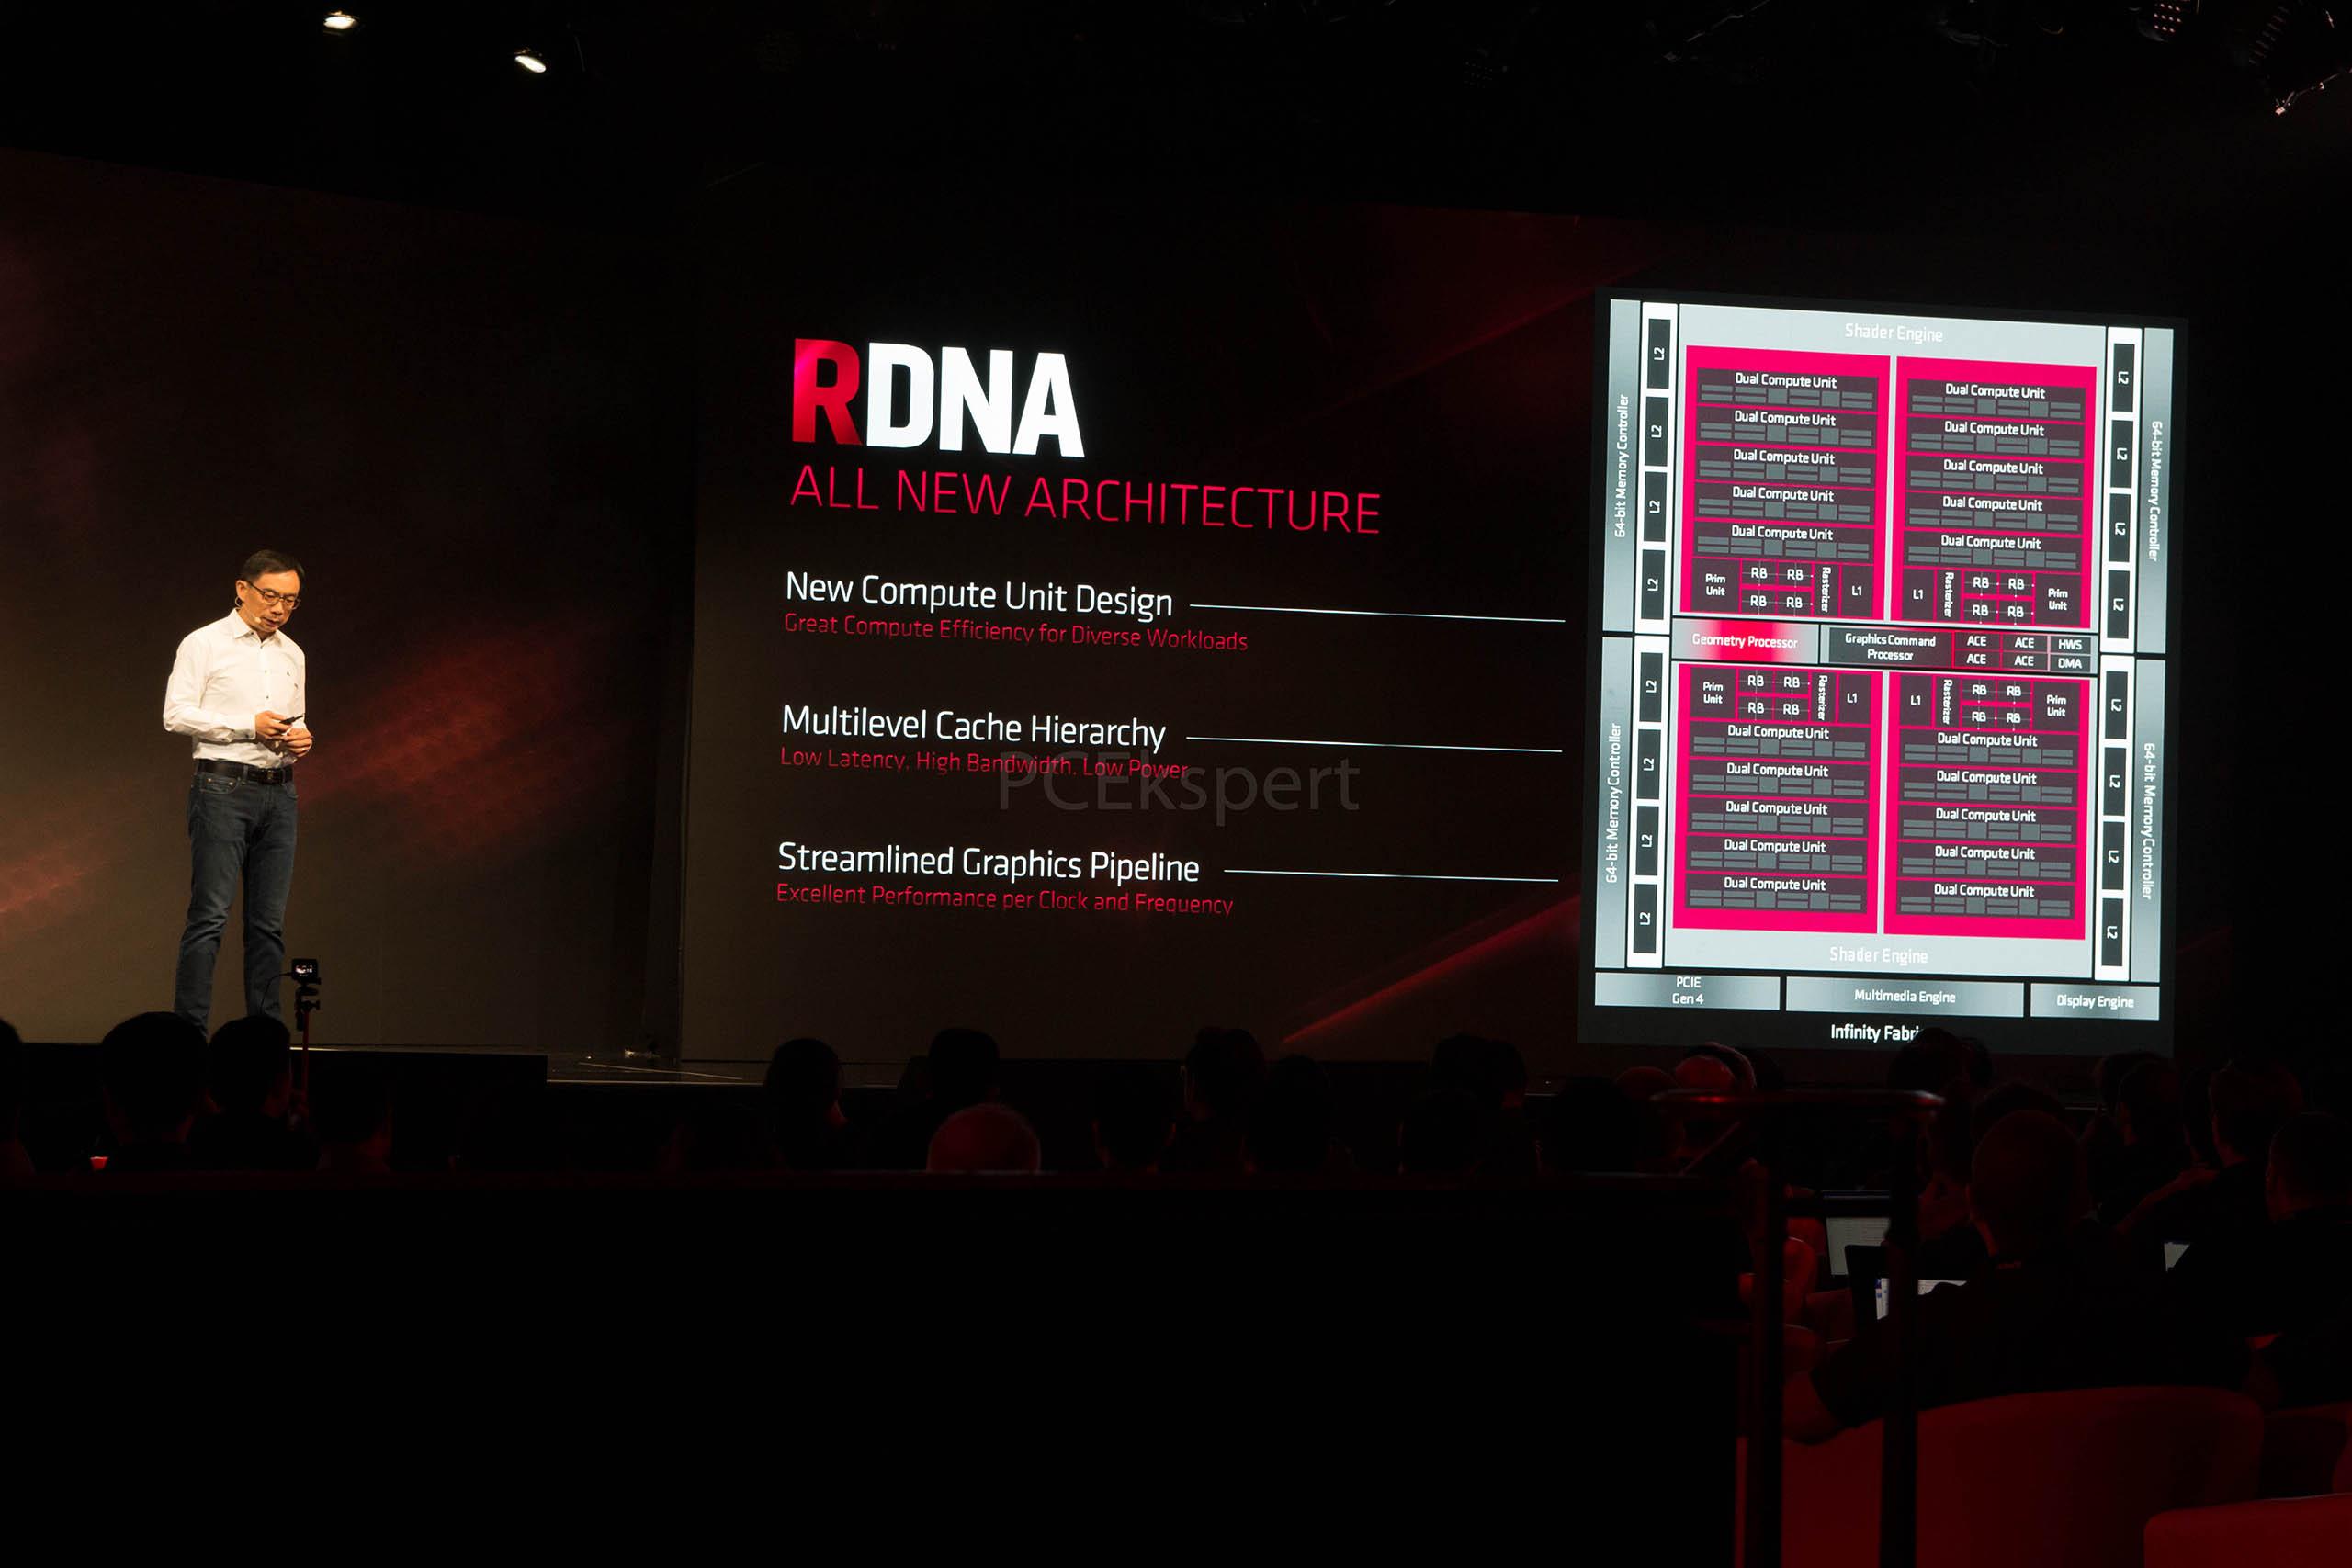 AMD RDNA arhitektura